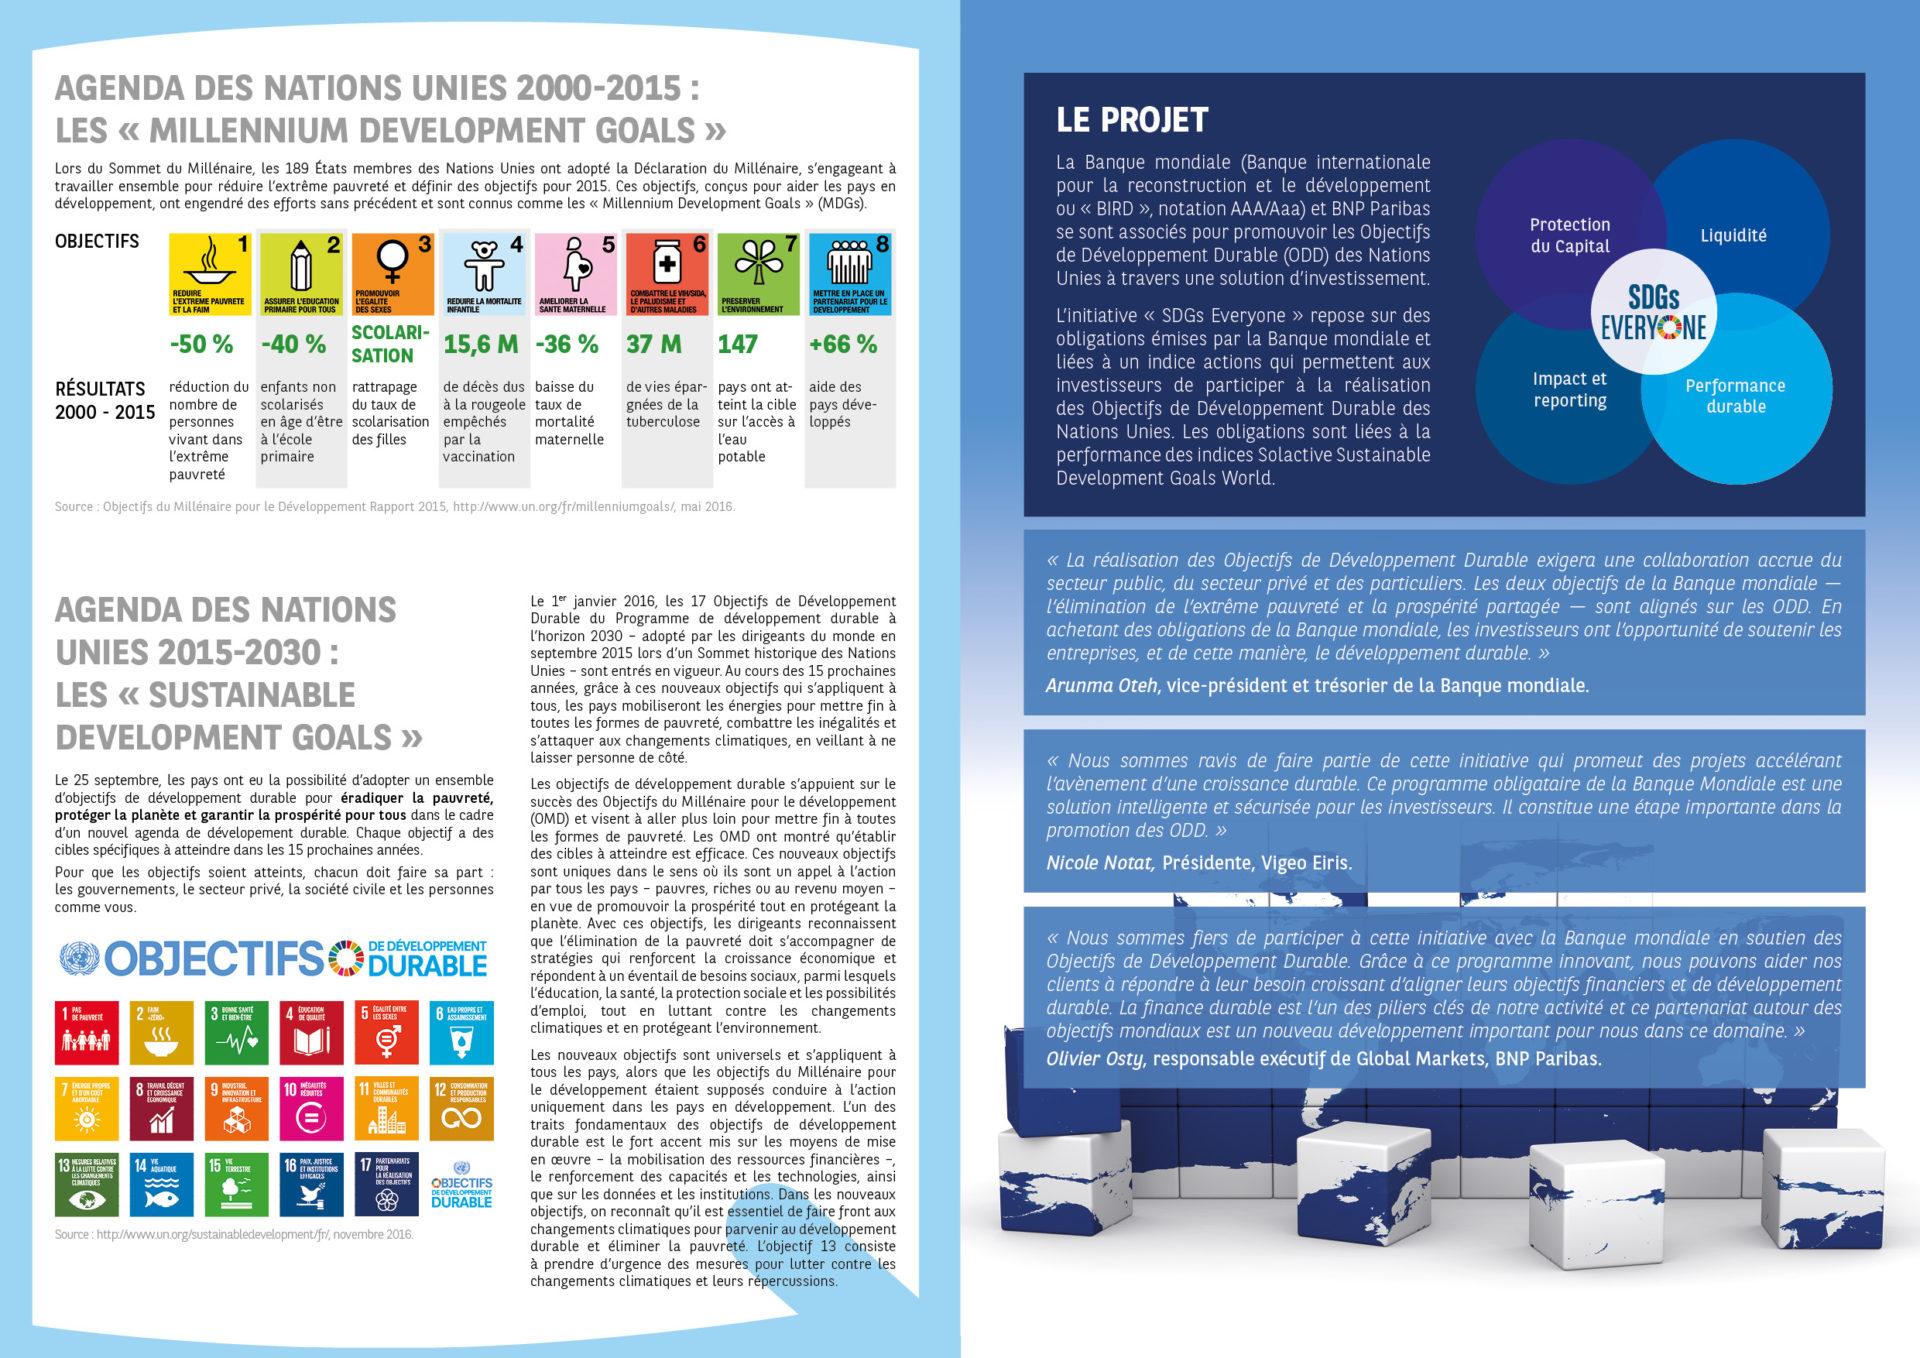 8 SDGs EVERYONE2